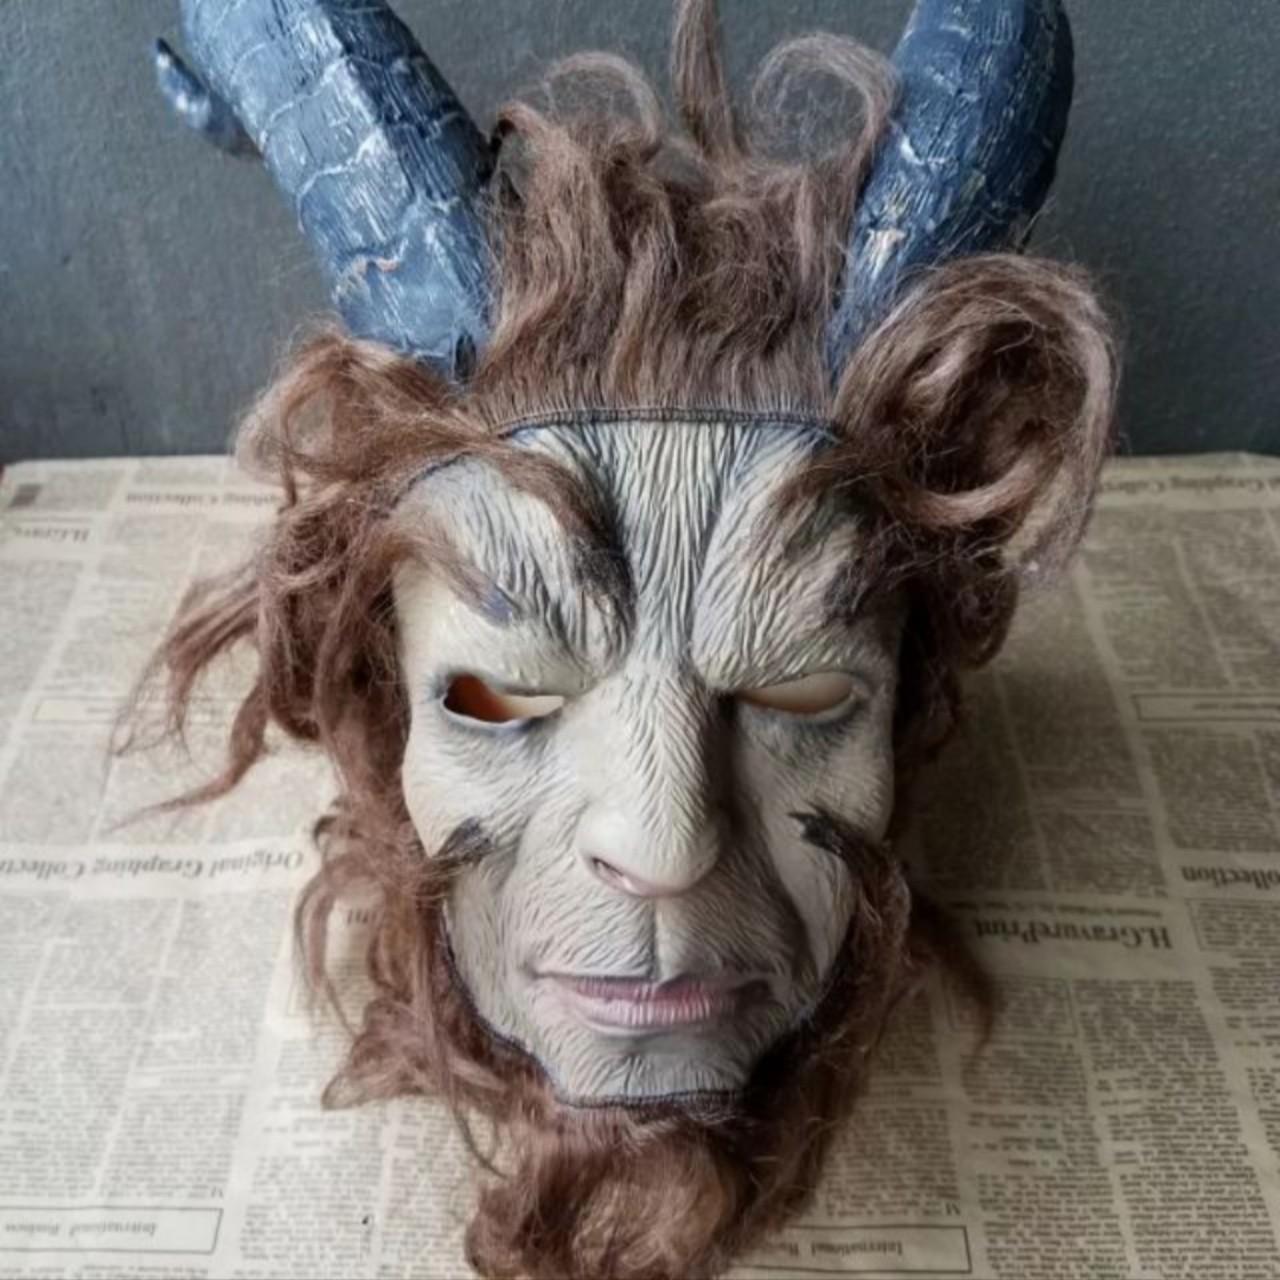 Mặt Nạ Hóa Trang Halloween Mặt Nạ Người Đẹp Và Quái Vật Bằng Cao Su Thiên Nhiên Thân Thiện Môi Trường